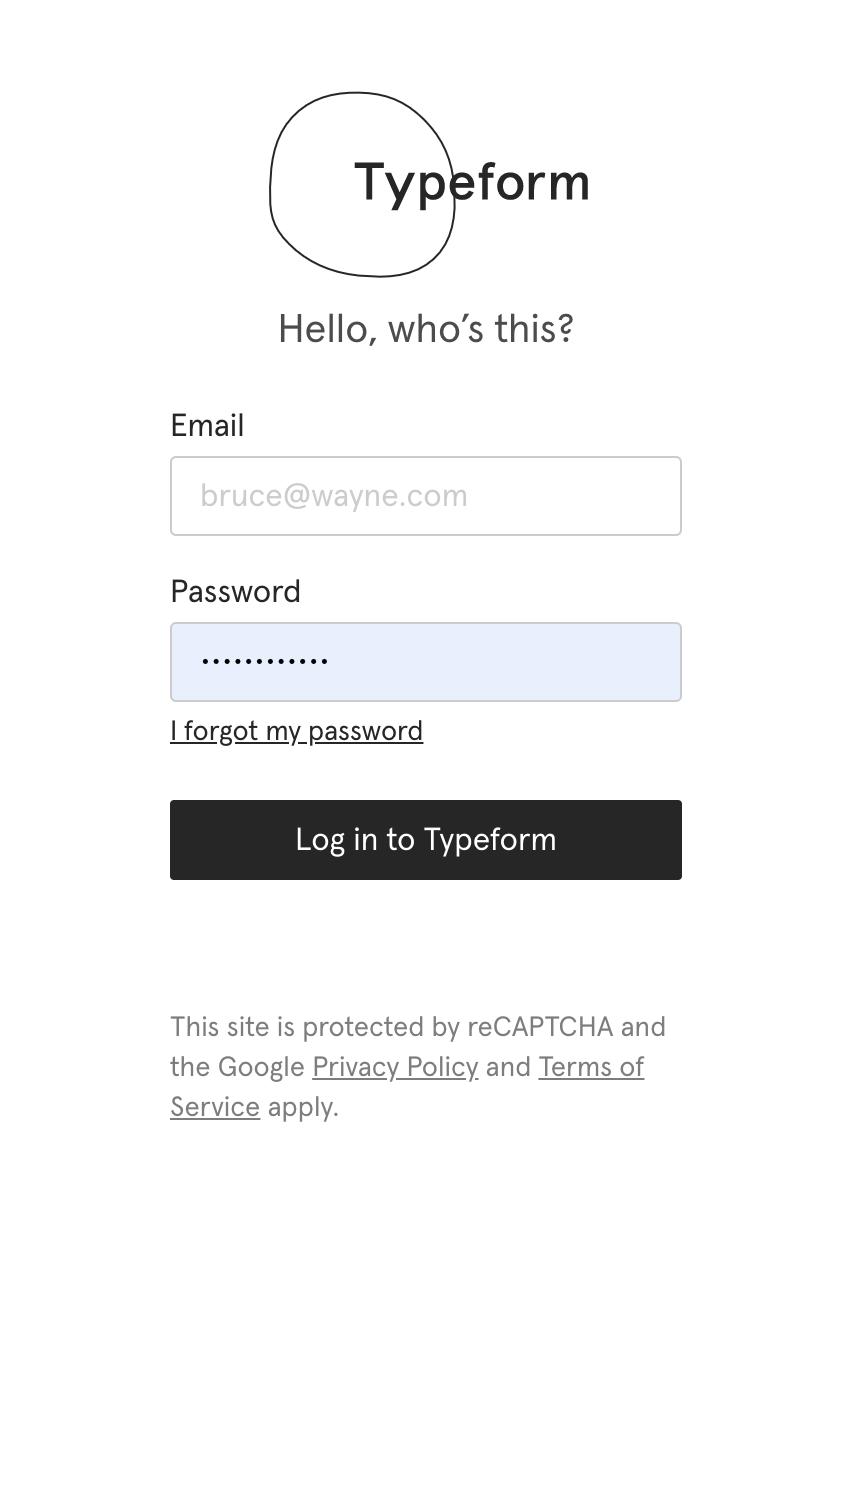 Authentification Typeform